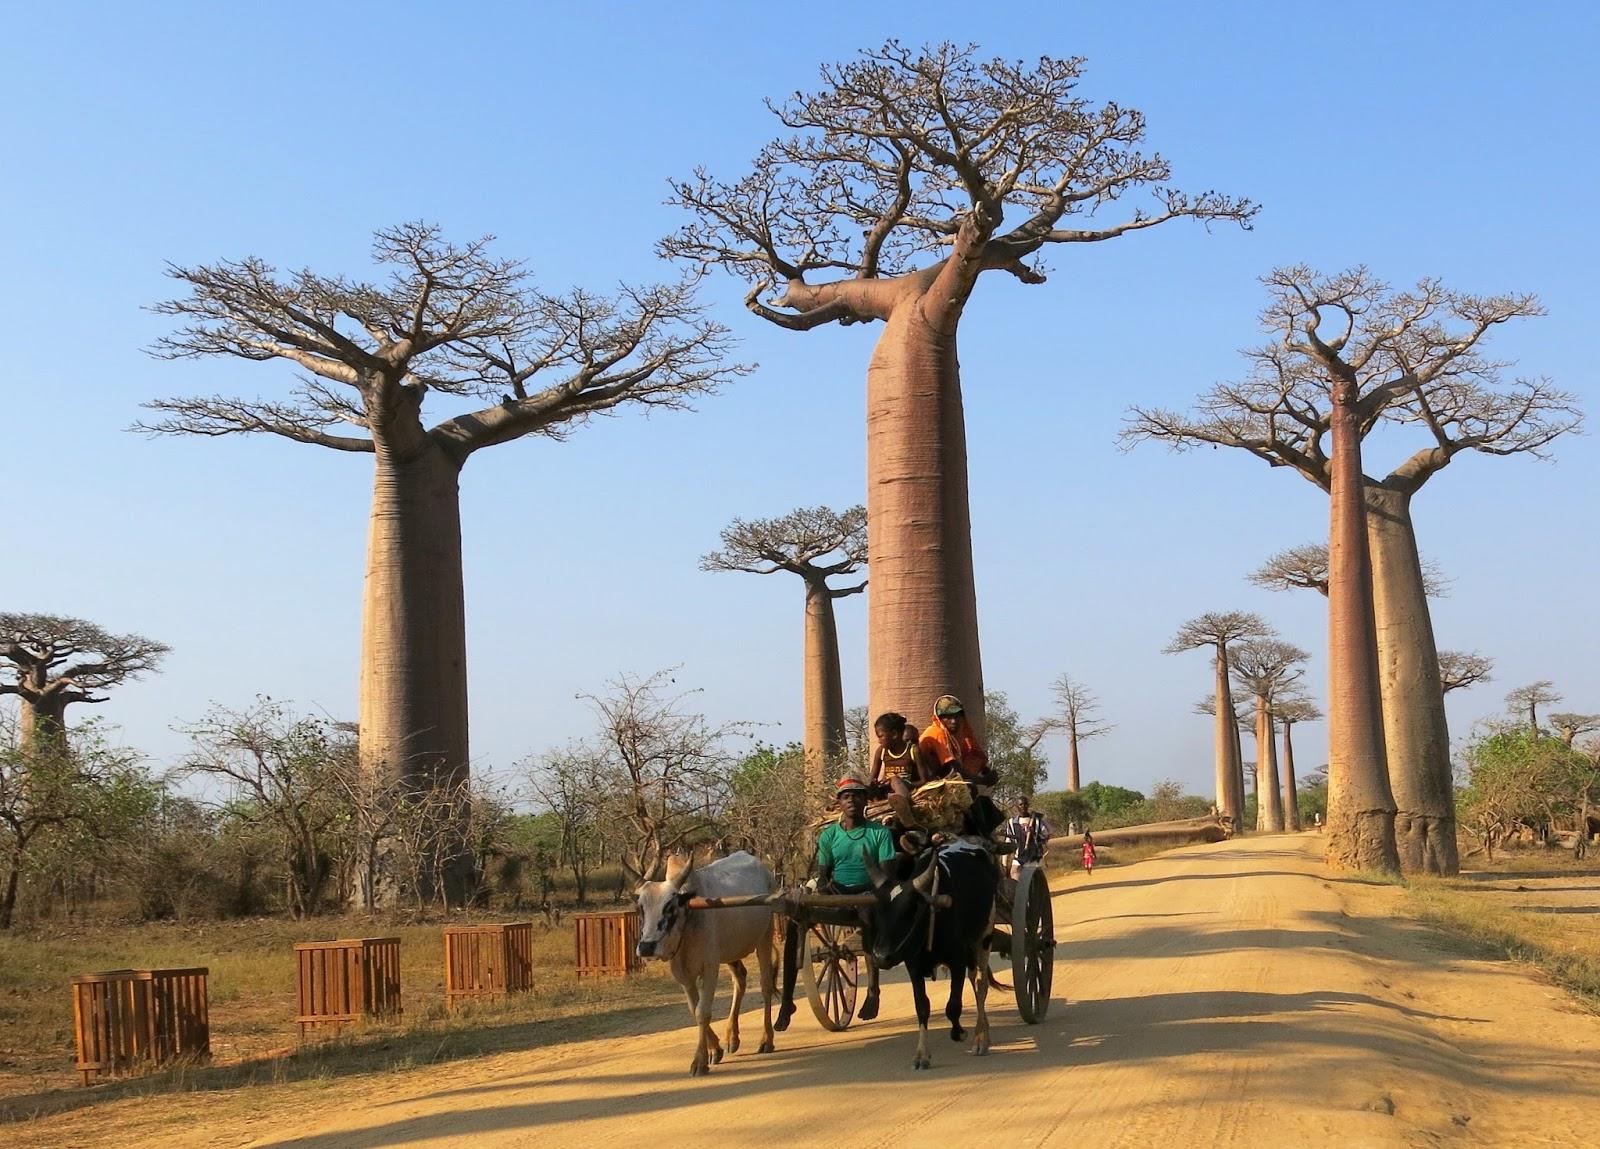 糊塗行: 馬達加斯加之旅 - Morondava